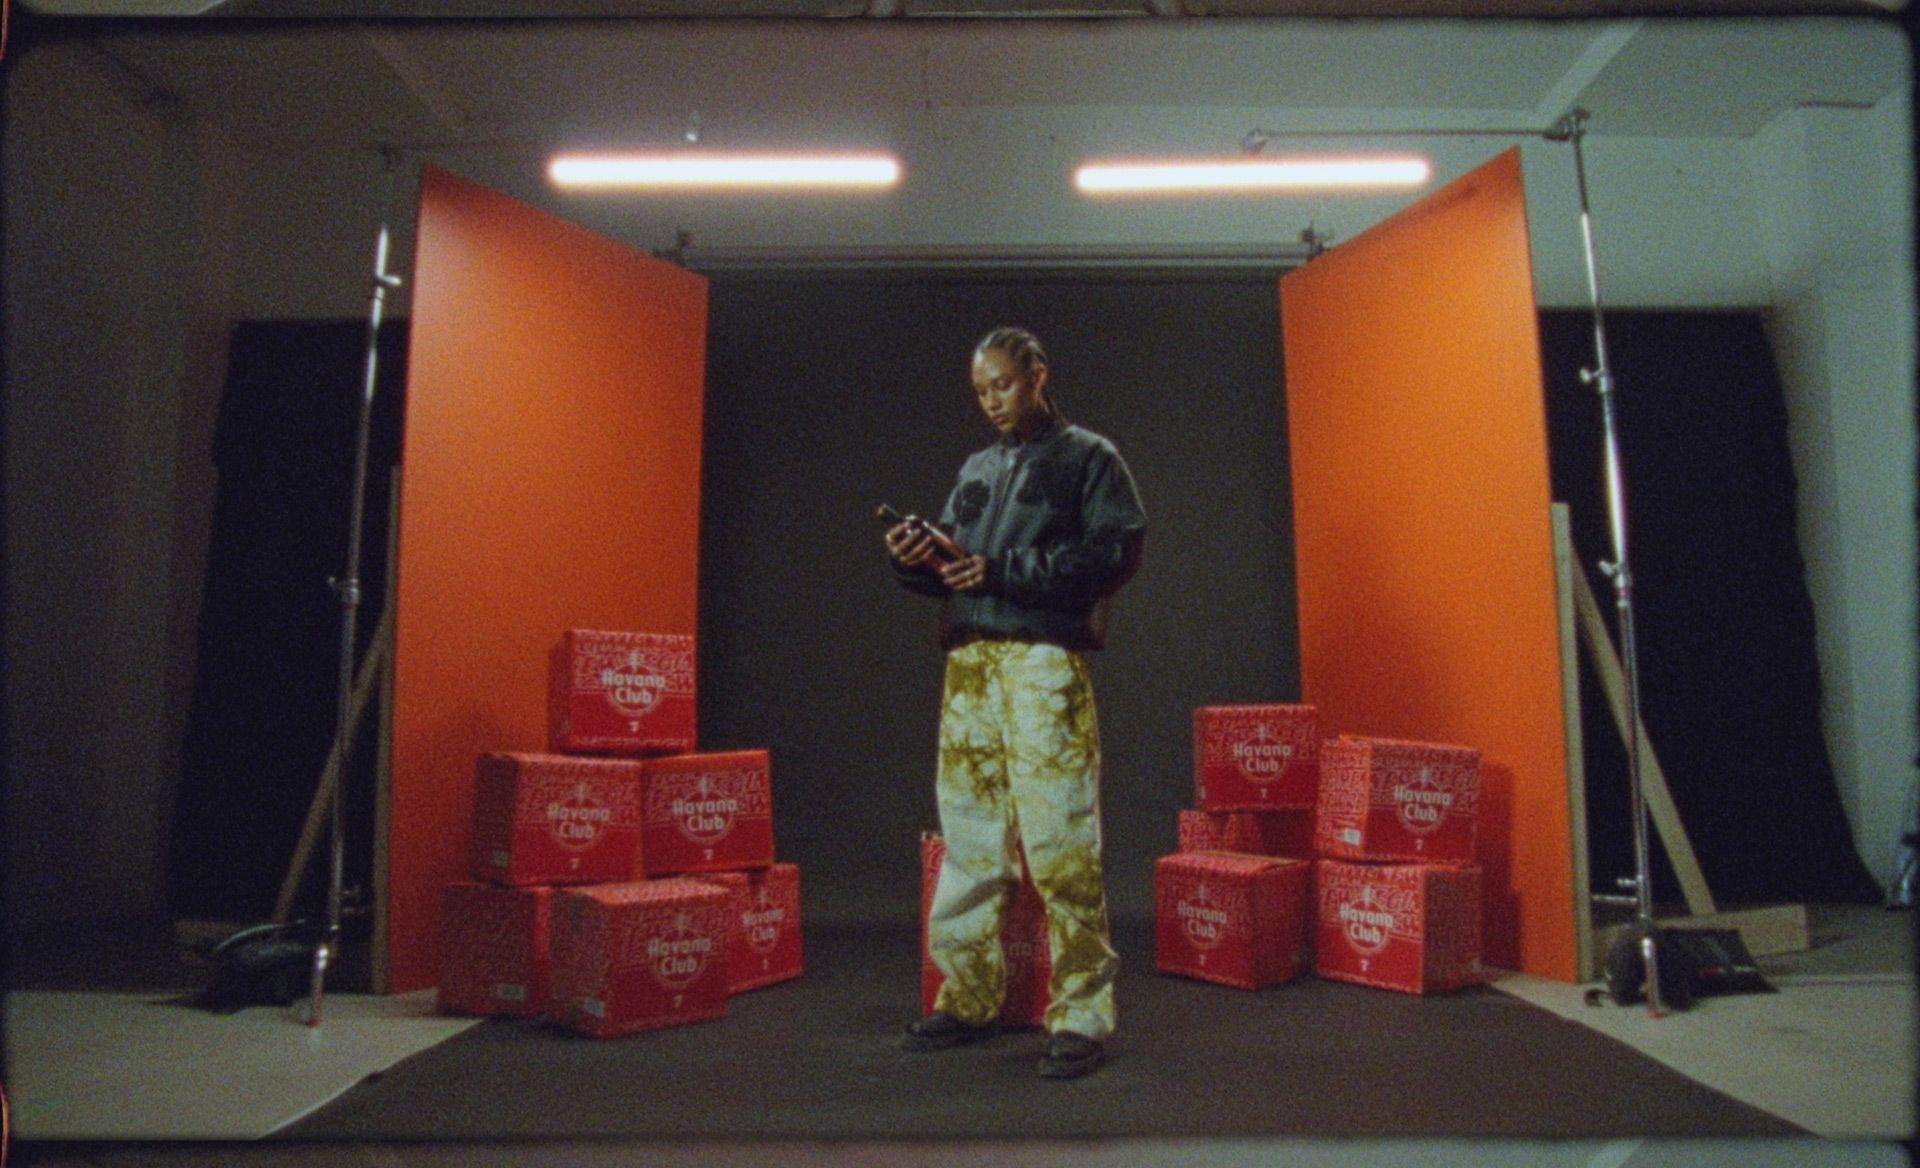 Modèle en studio portant une veste noire et un pantalon baggy regardant une bouteille de Havana Club avec des caisses du produit sur les côtés.